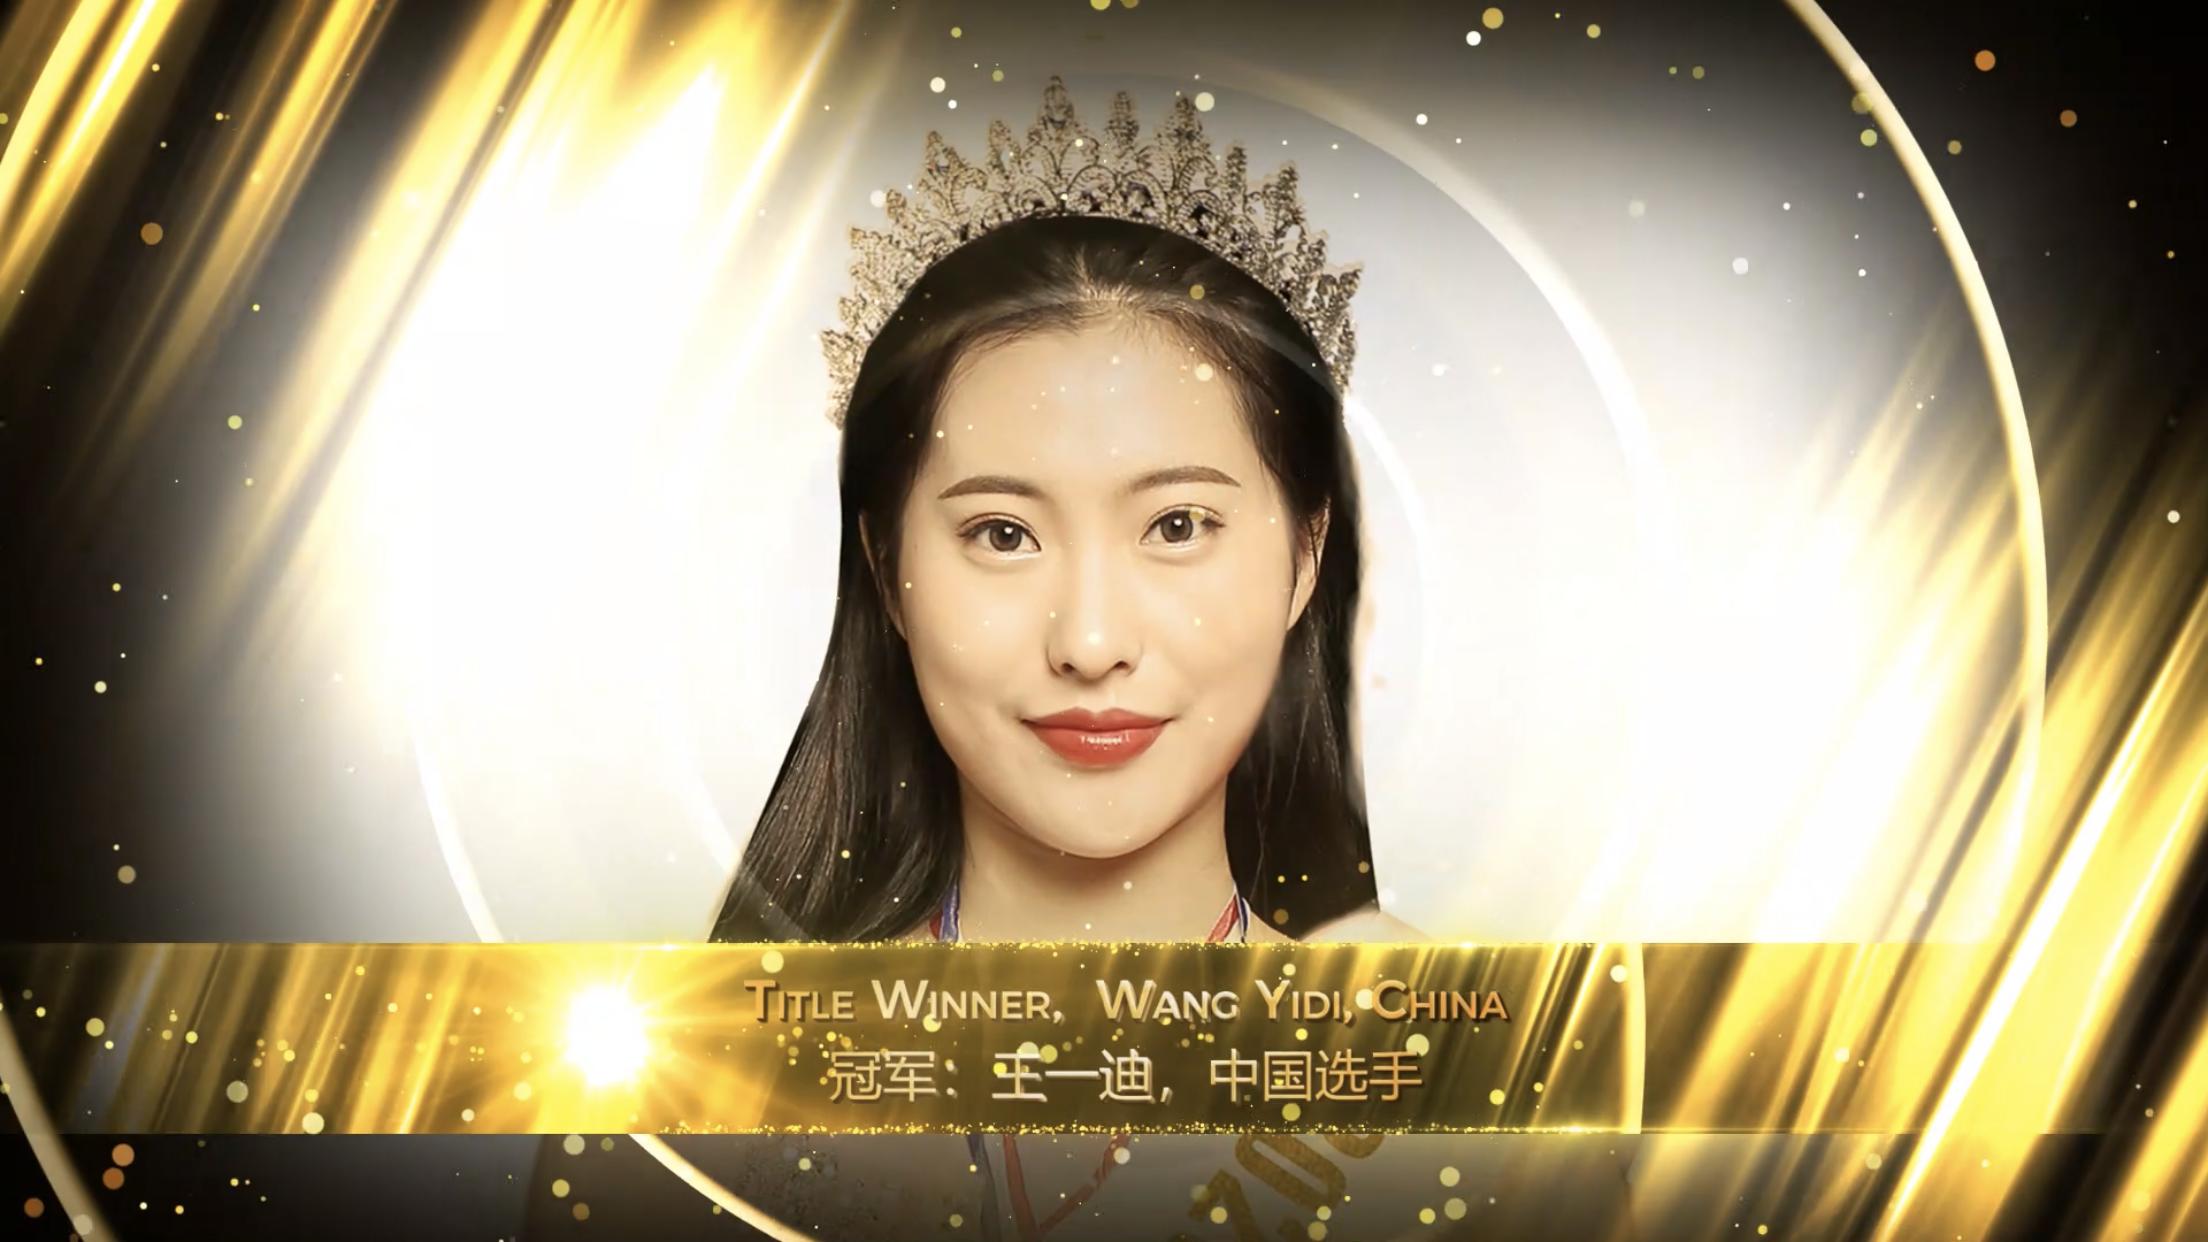 2020年第32届世界亚裔小姐全球总决赛成功落幕,中国选手王一迪夺冠